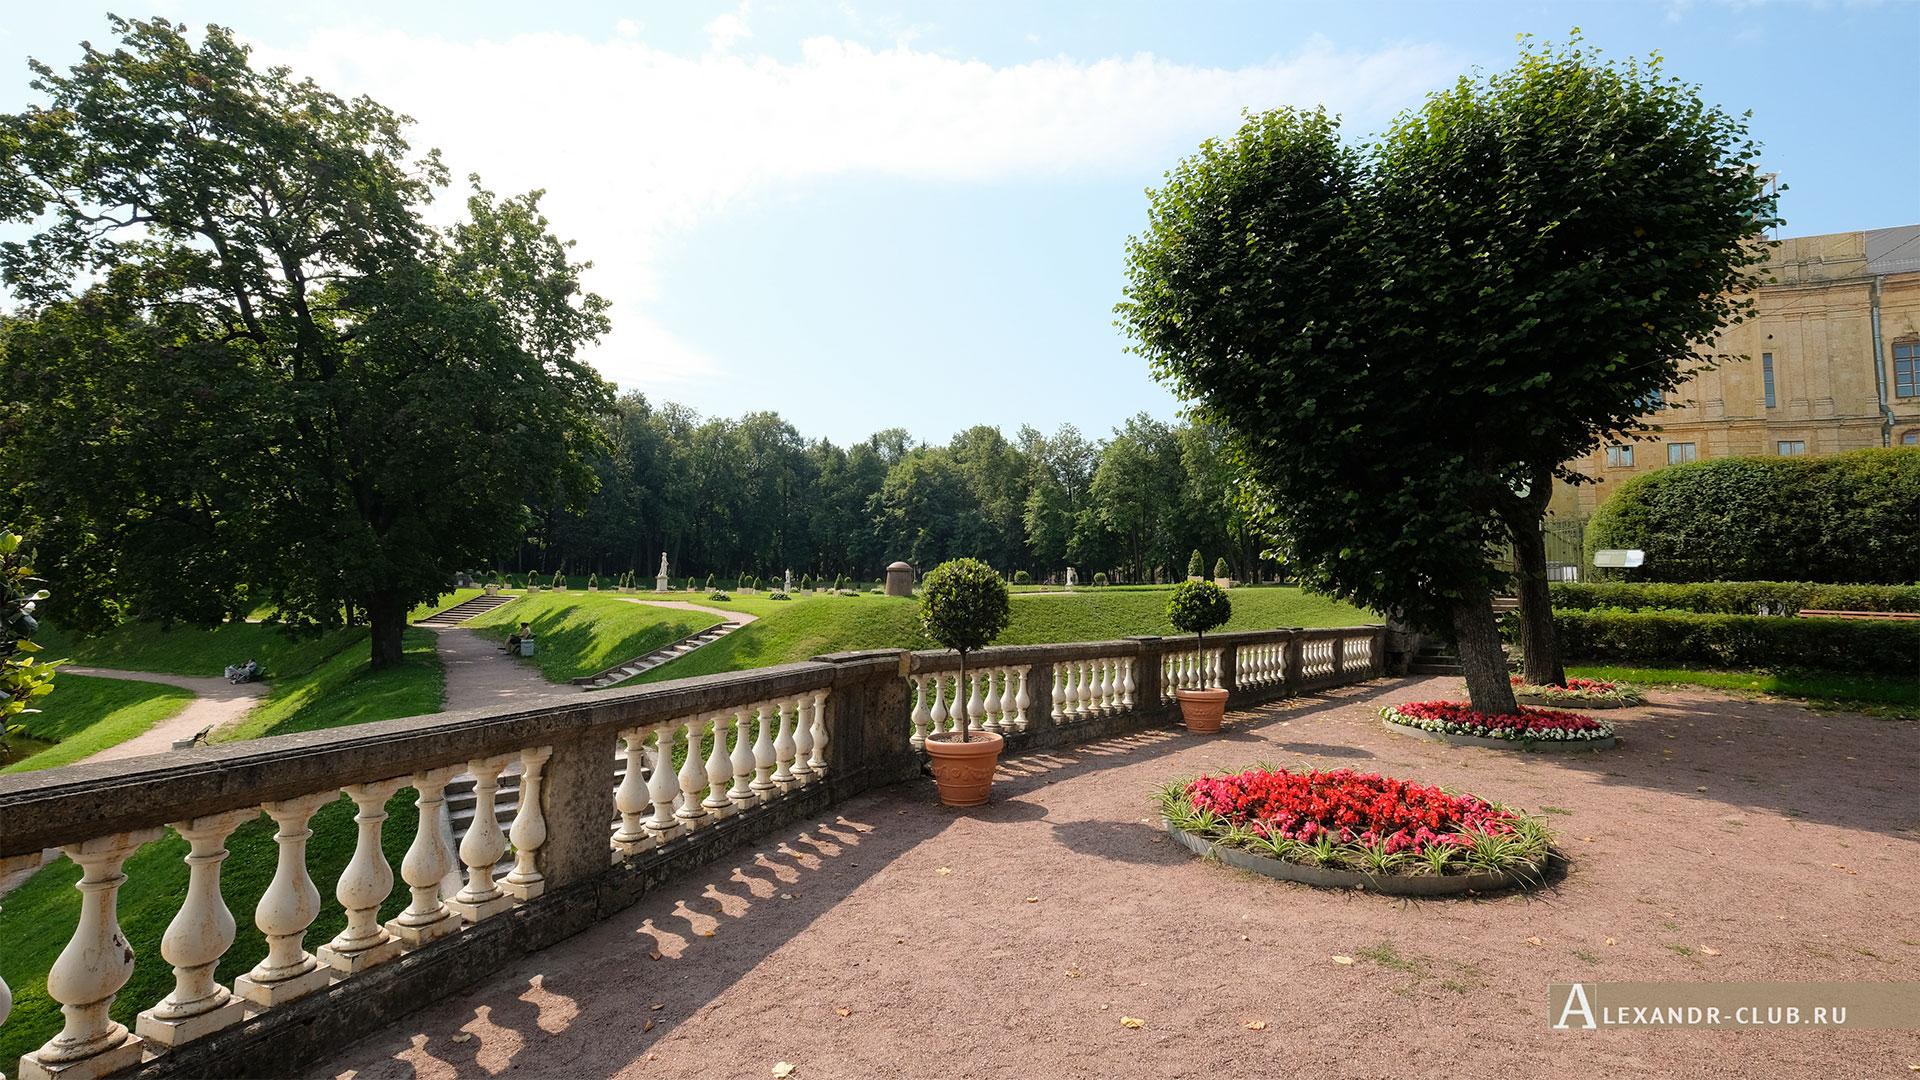 Гатчинский парк, лето, Гатчинский дворец, Собственный садик, Голландский сад